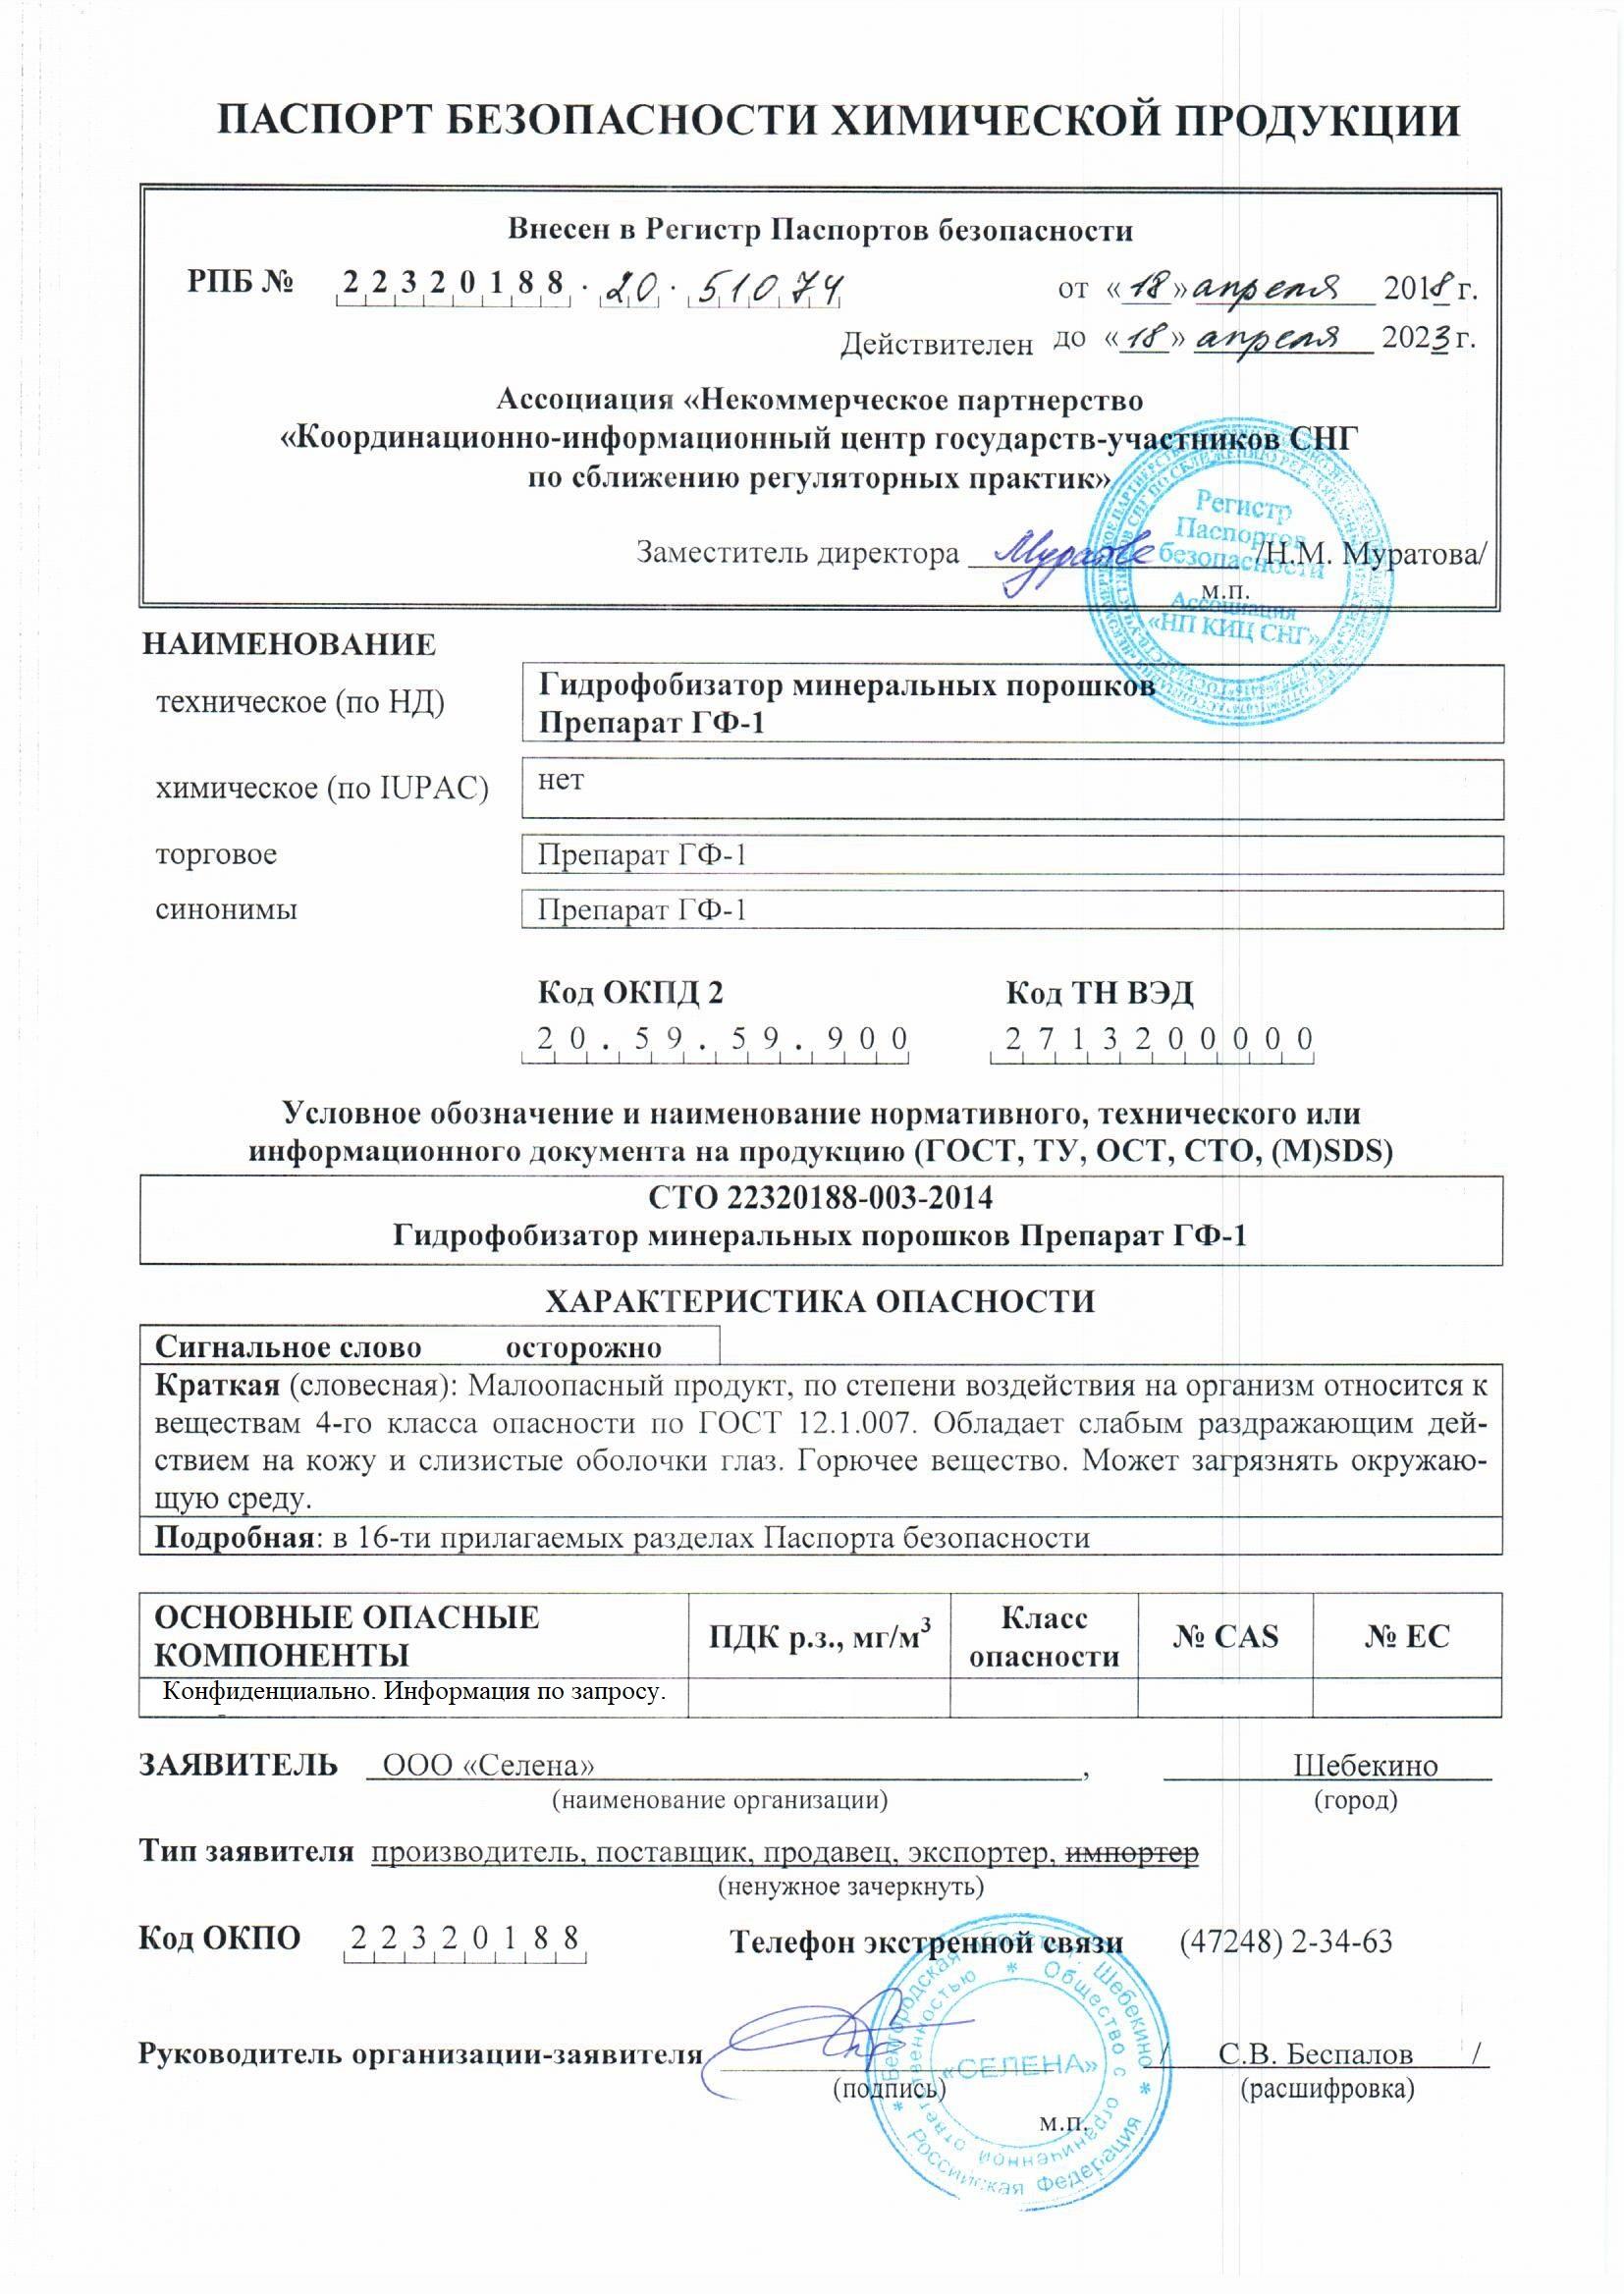 ПБ Препарат ГФ-1 тит. лист